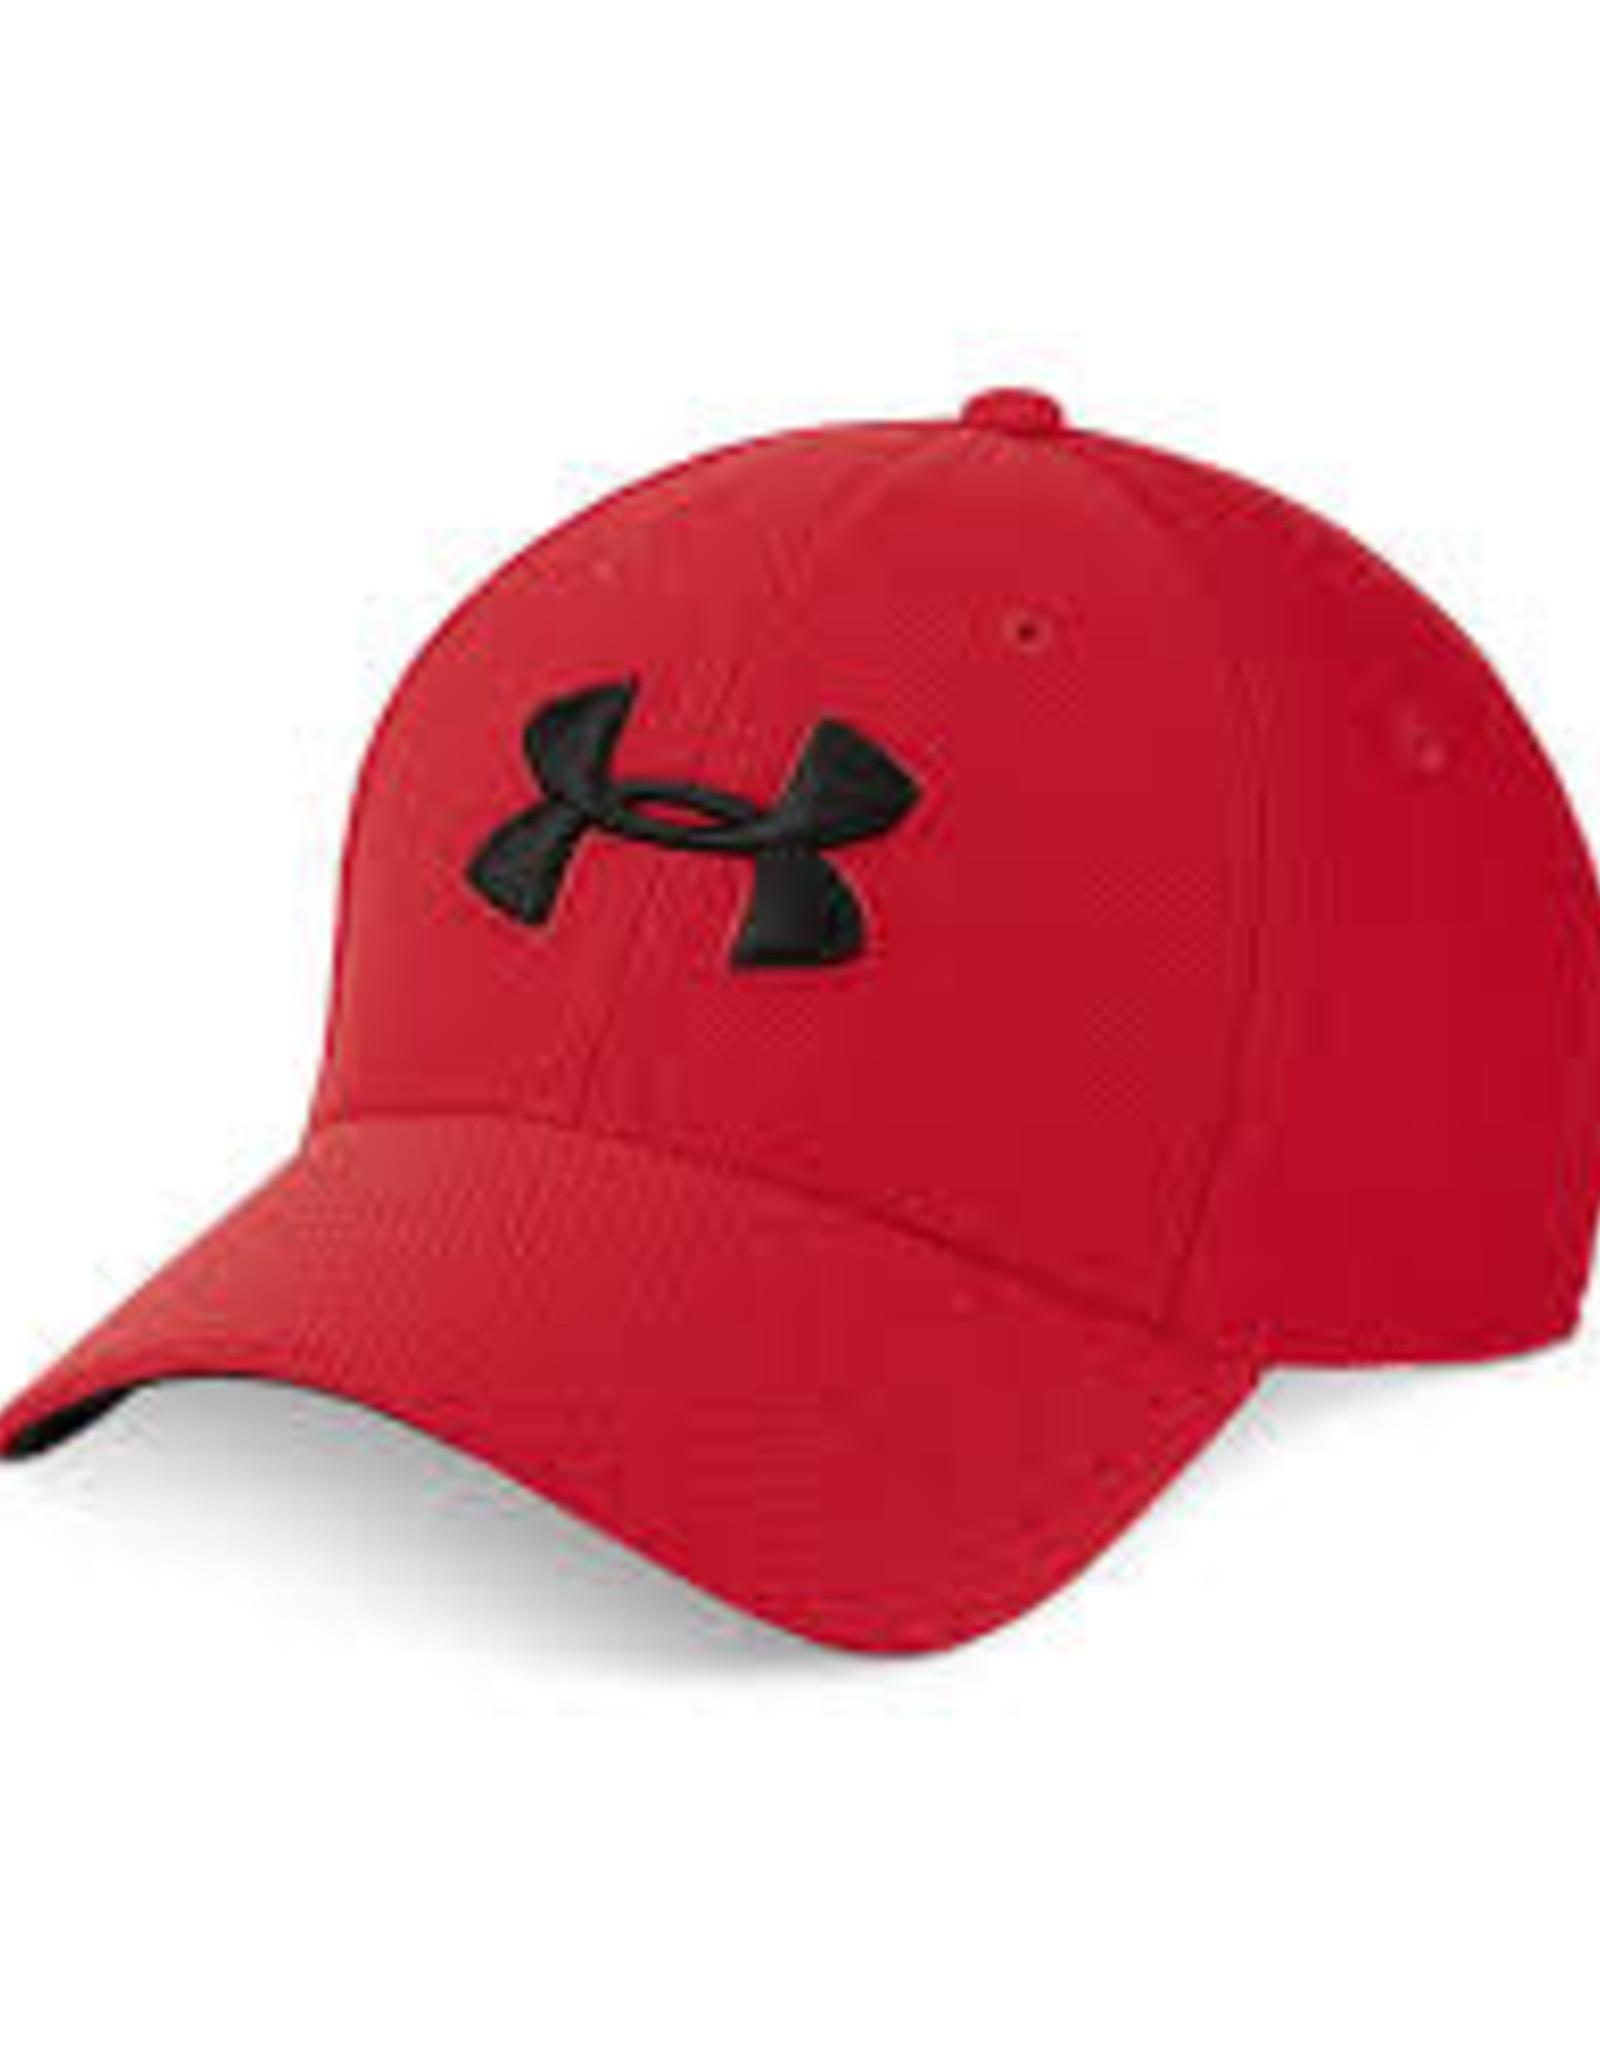 Mens UA Men's Blitzing 3.0 Cap Red / Red / Black M/L